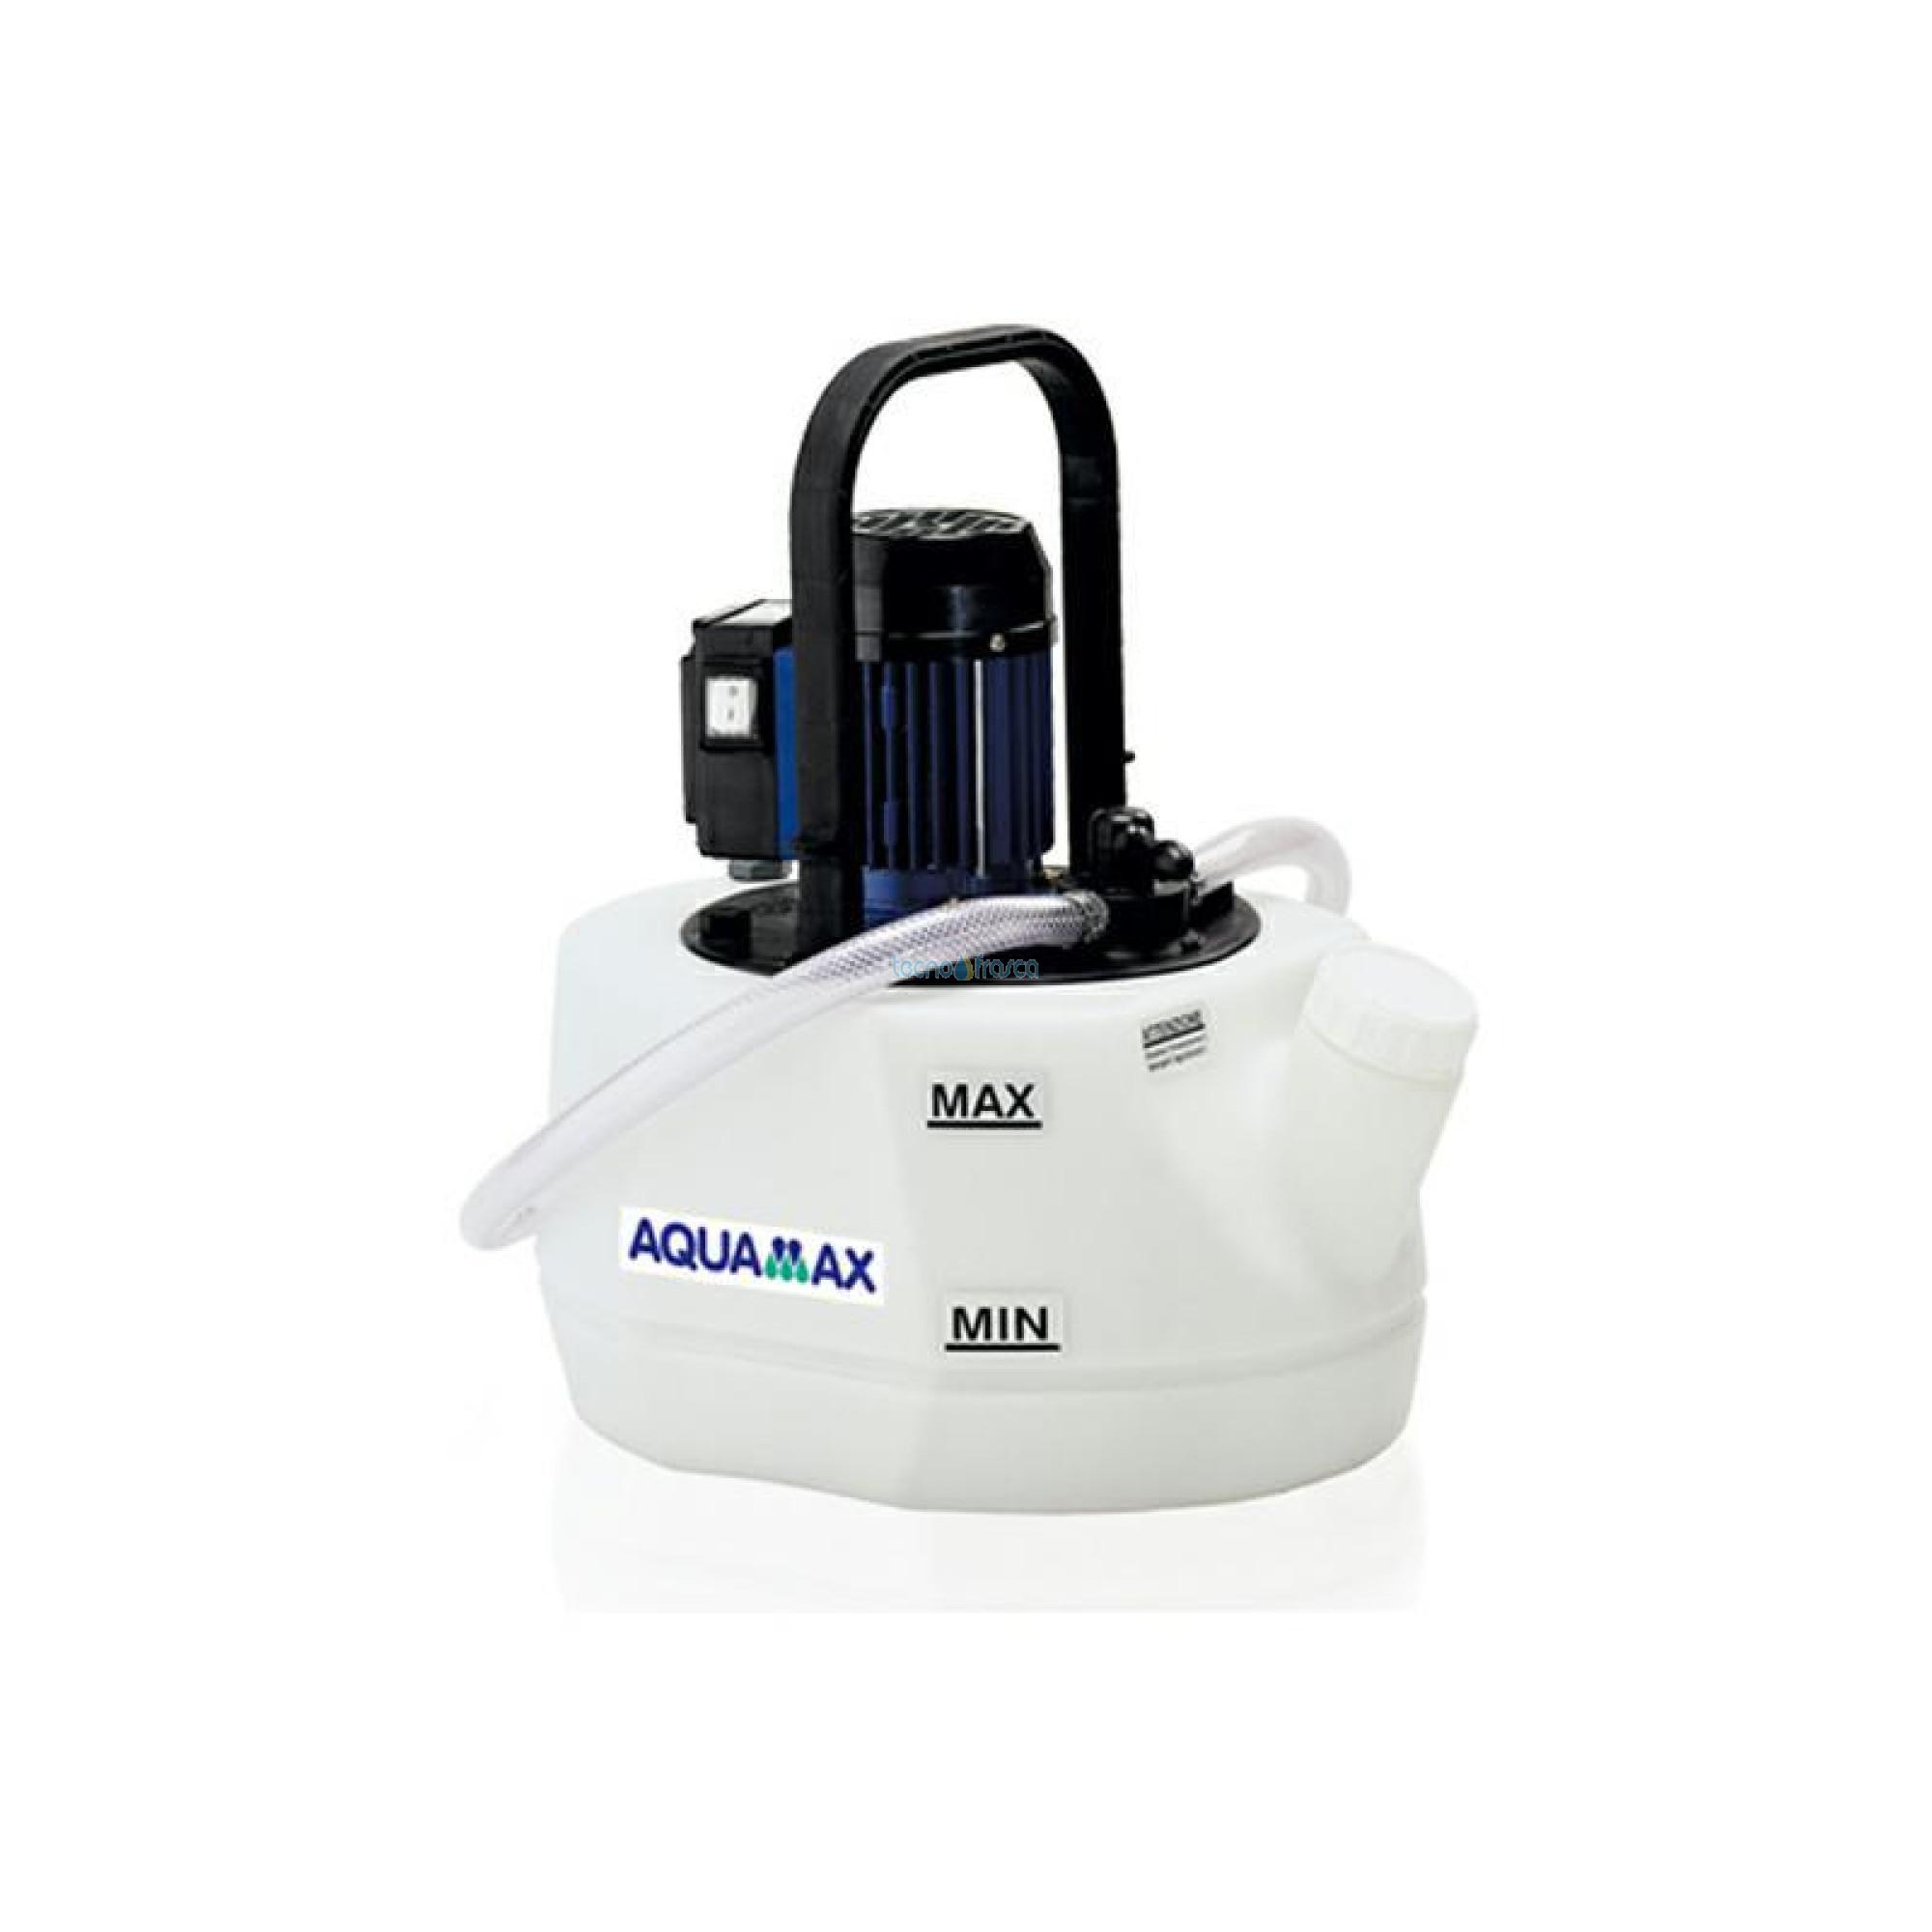 Aquamax pompa per lavaggio caldaia promax 20 10100020